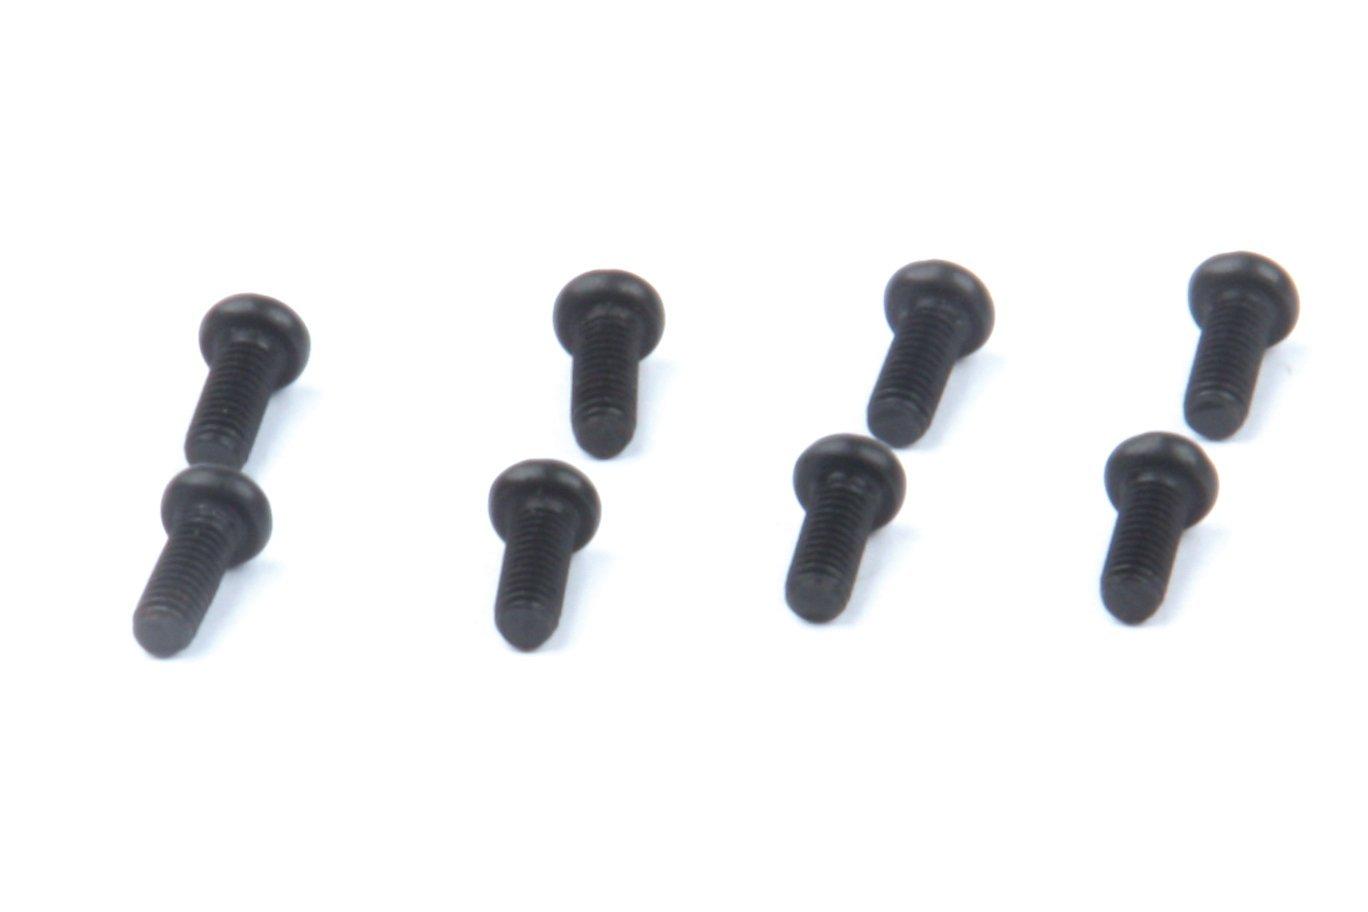 LRP Electronic 133081 – M4 x 12 mm trên cây thập tự mở miệng, B.H. Bolt, 8 mảnh